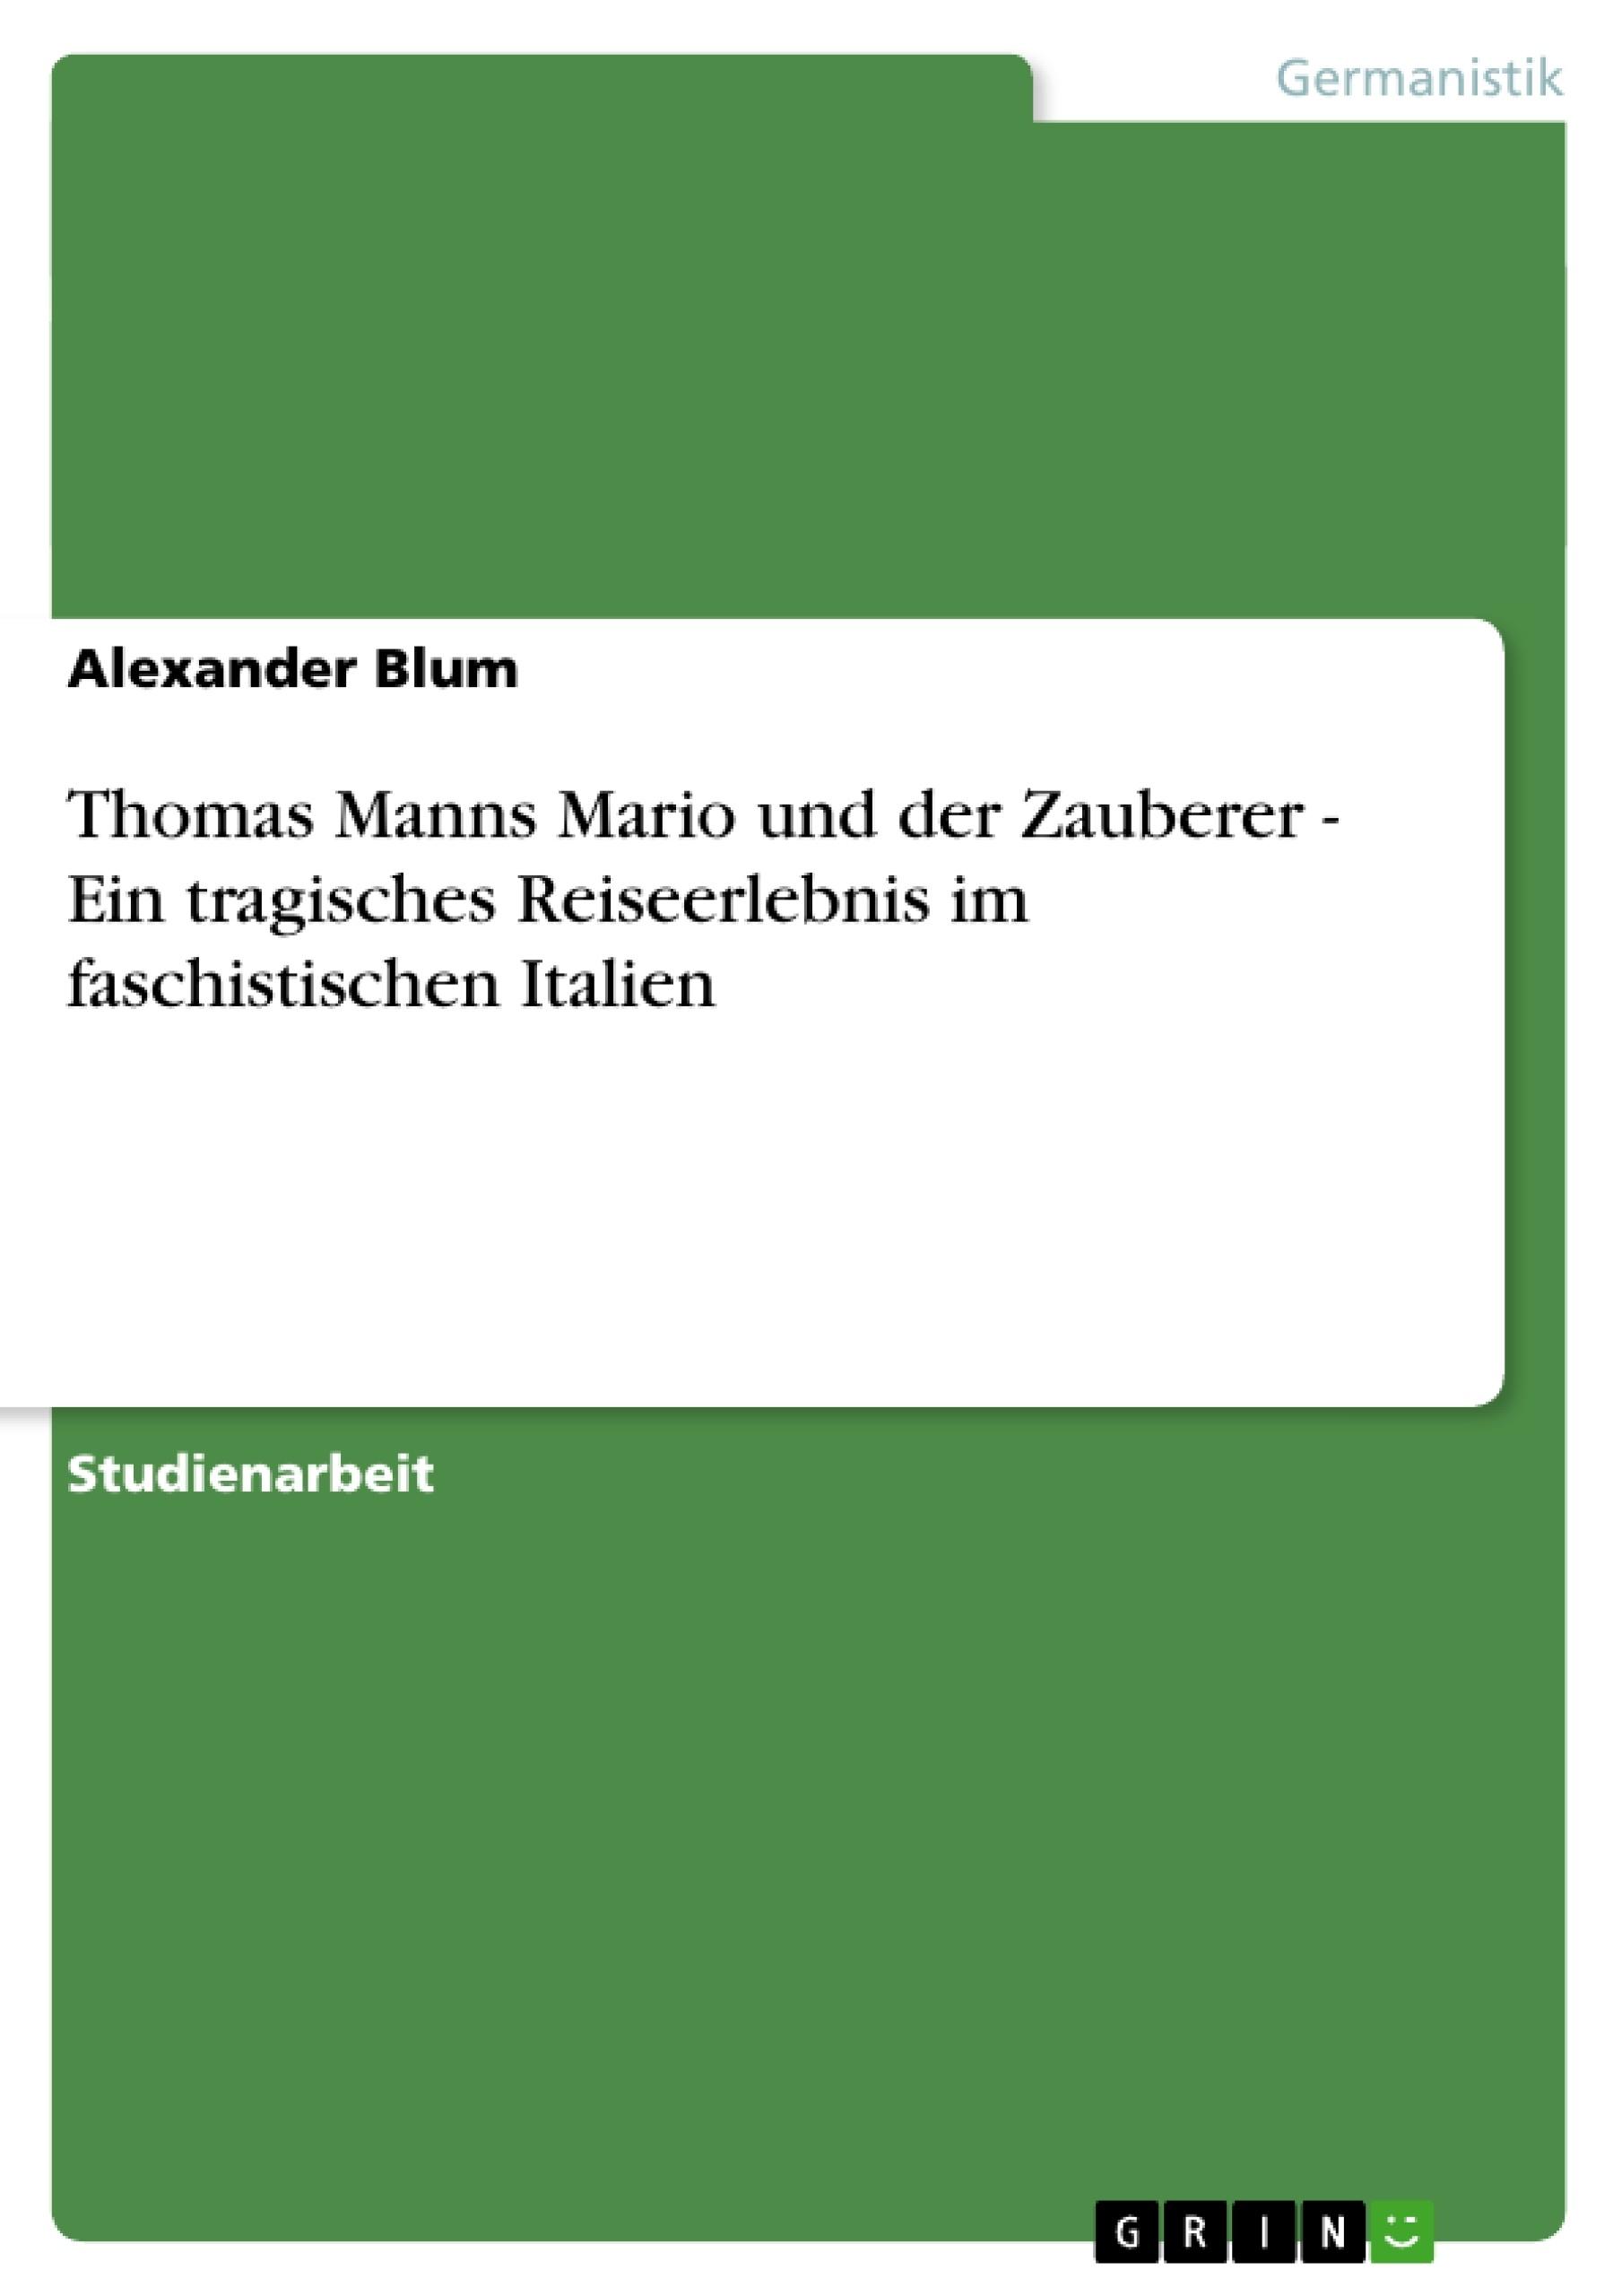 Titel: Thomas Manns Mario und der Zauberer - Ein tragisches Reiseerlebnis im faschistischen Italien